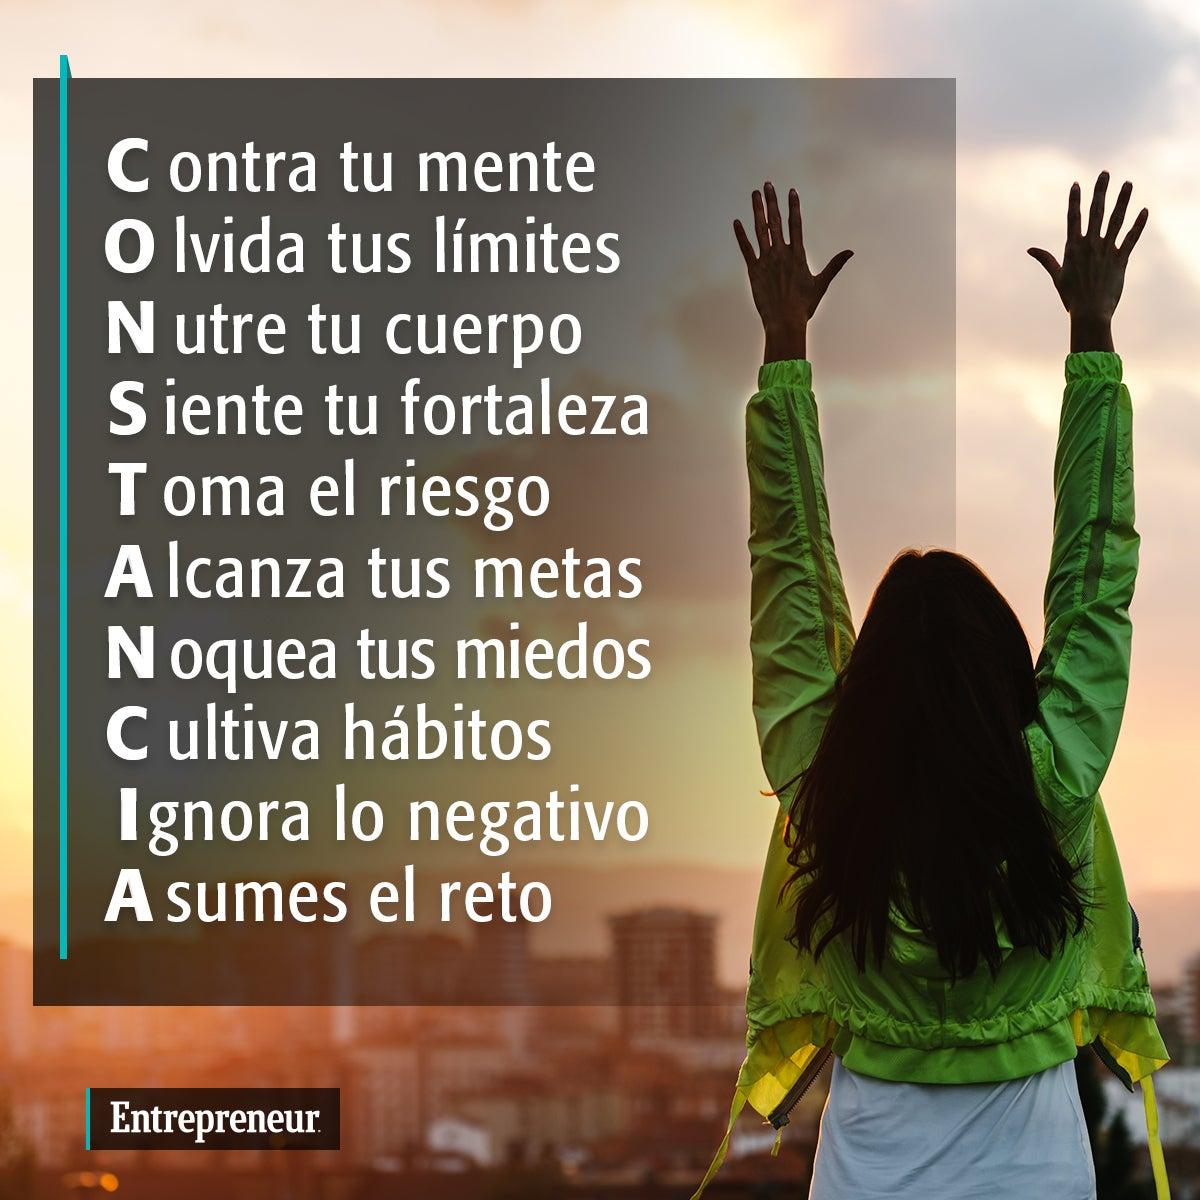 Estás Atravesando Una Crisis Estas 10 Frases Te Ayudarán A